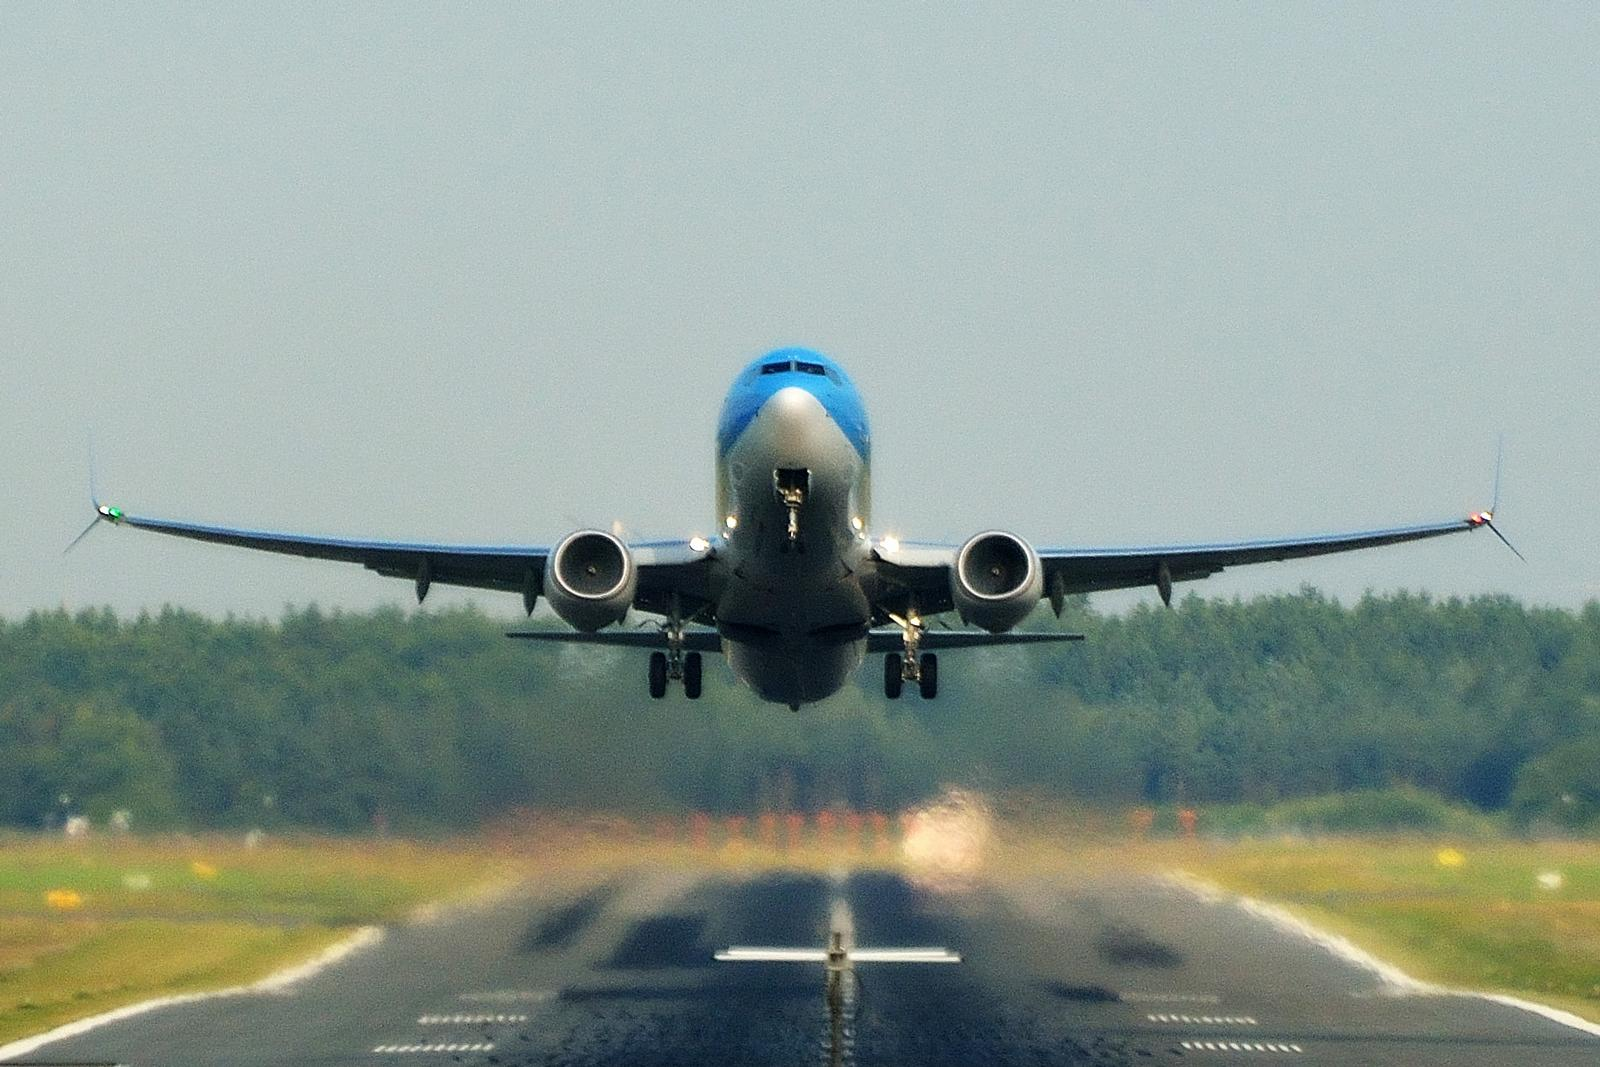 Et TUI-fly under take off fra Billund Lufthavn (Arkivfoto: Morten Lund Tiirikainen)